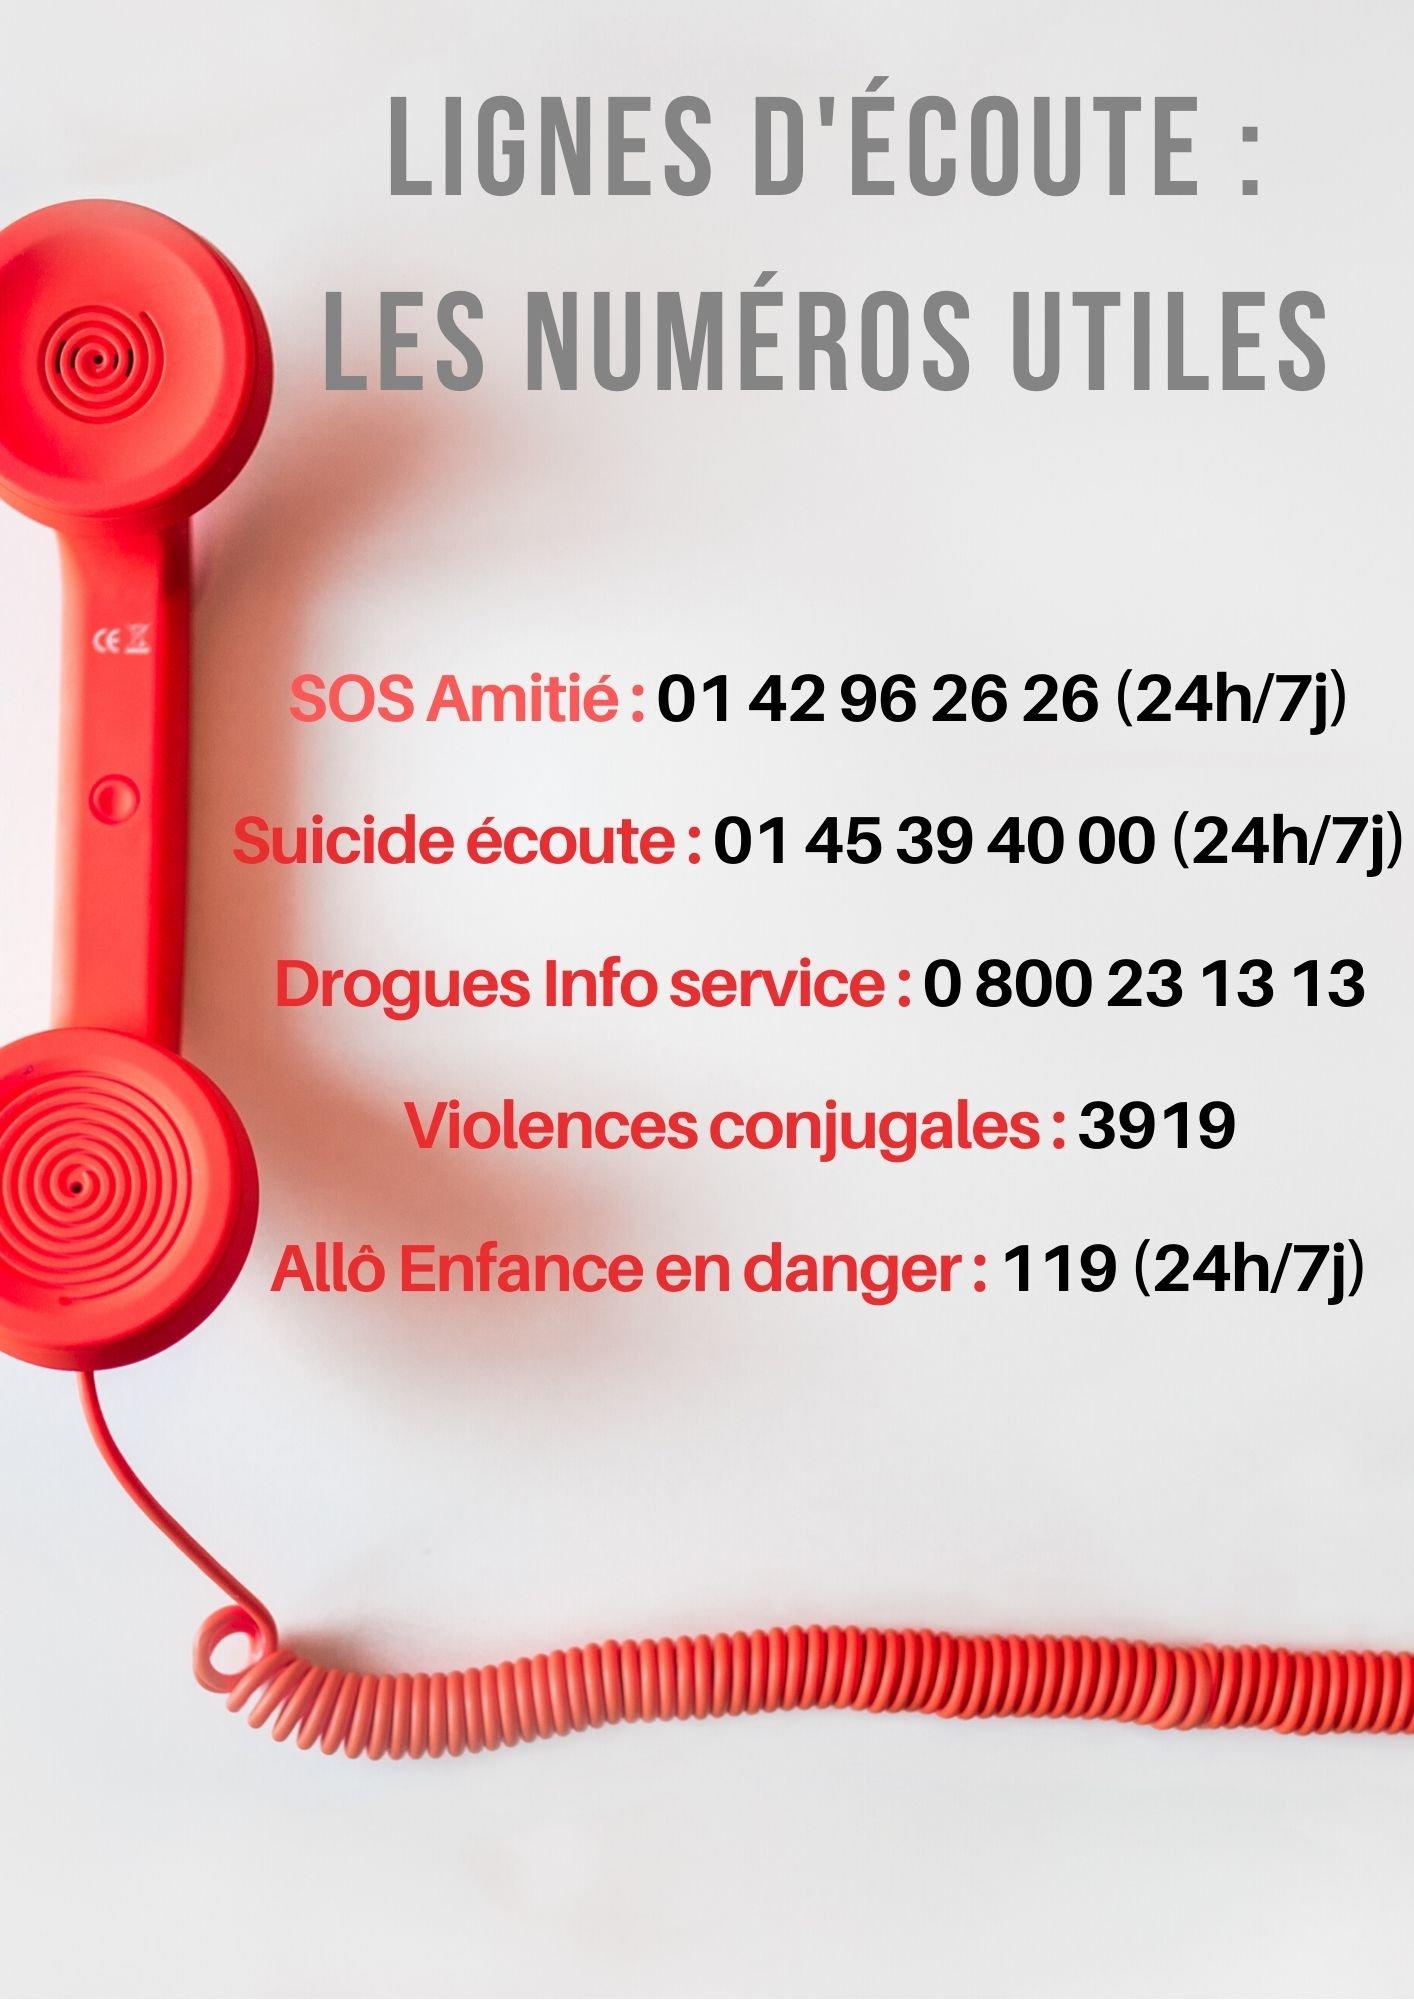 Les numéros utiles (1)